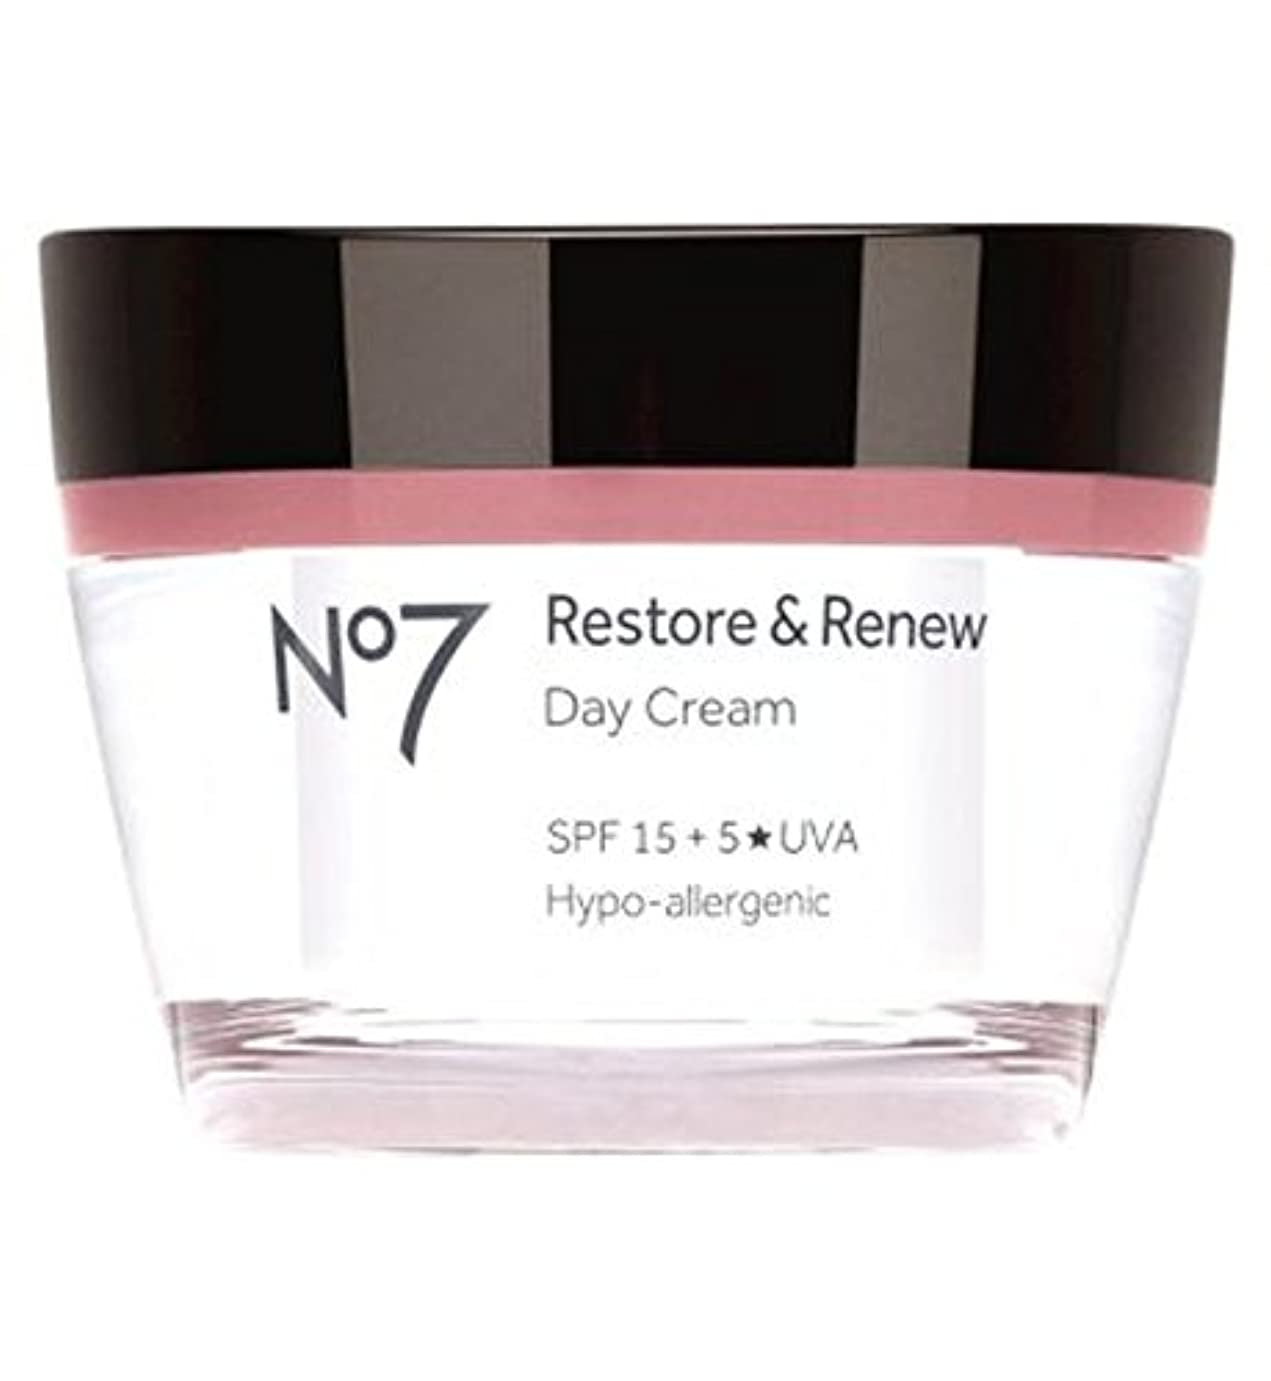 自体慣性中絶No7はデイクリームSpf 15 50ミリリットルを復元&更新します (No7) (x2) - No7 Restore & Renew Day Cream SPF 15 50ml (Pack of 2) [並行輸入品]